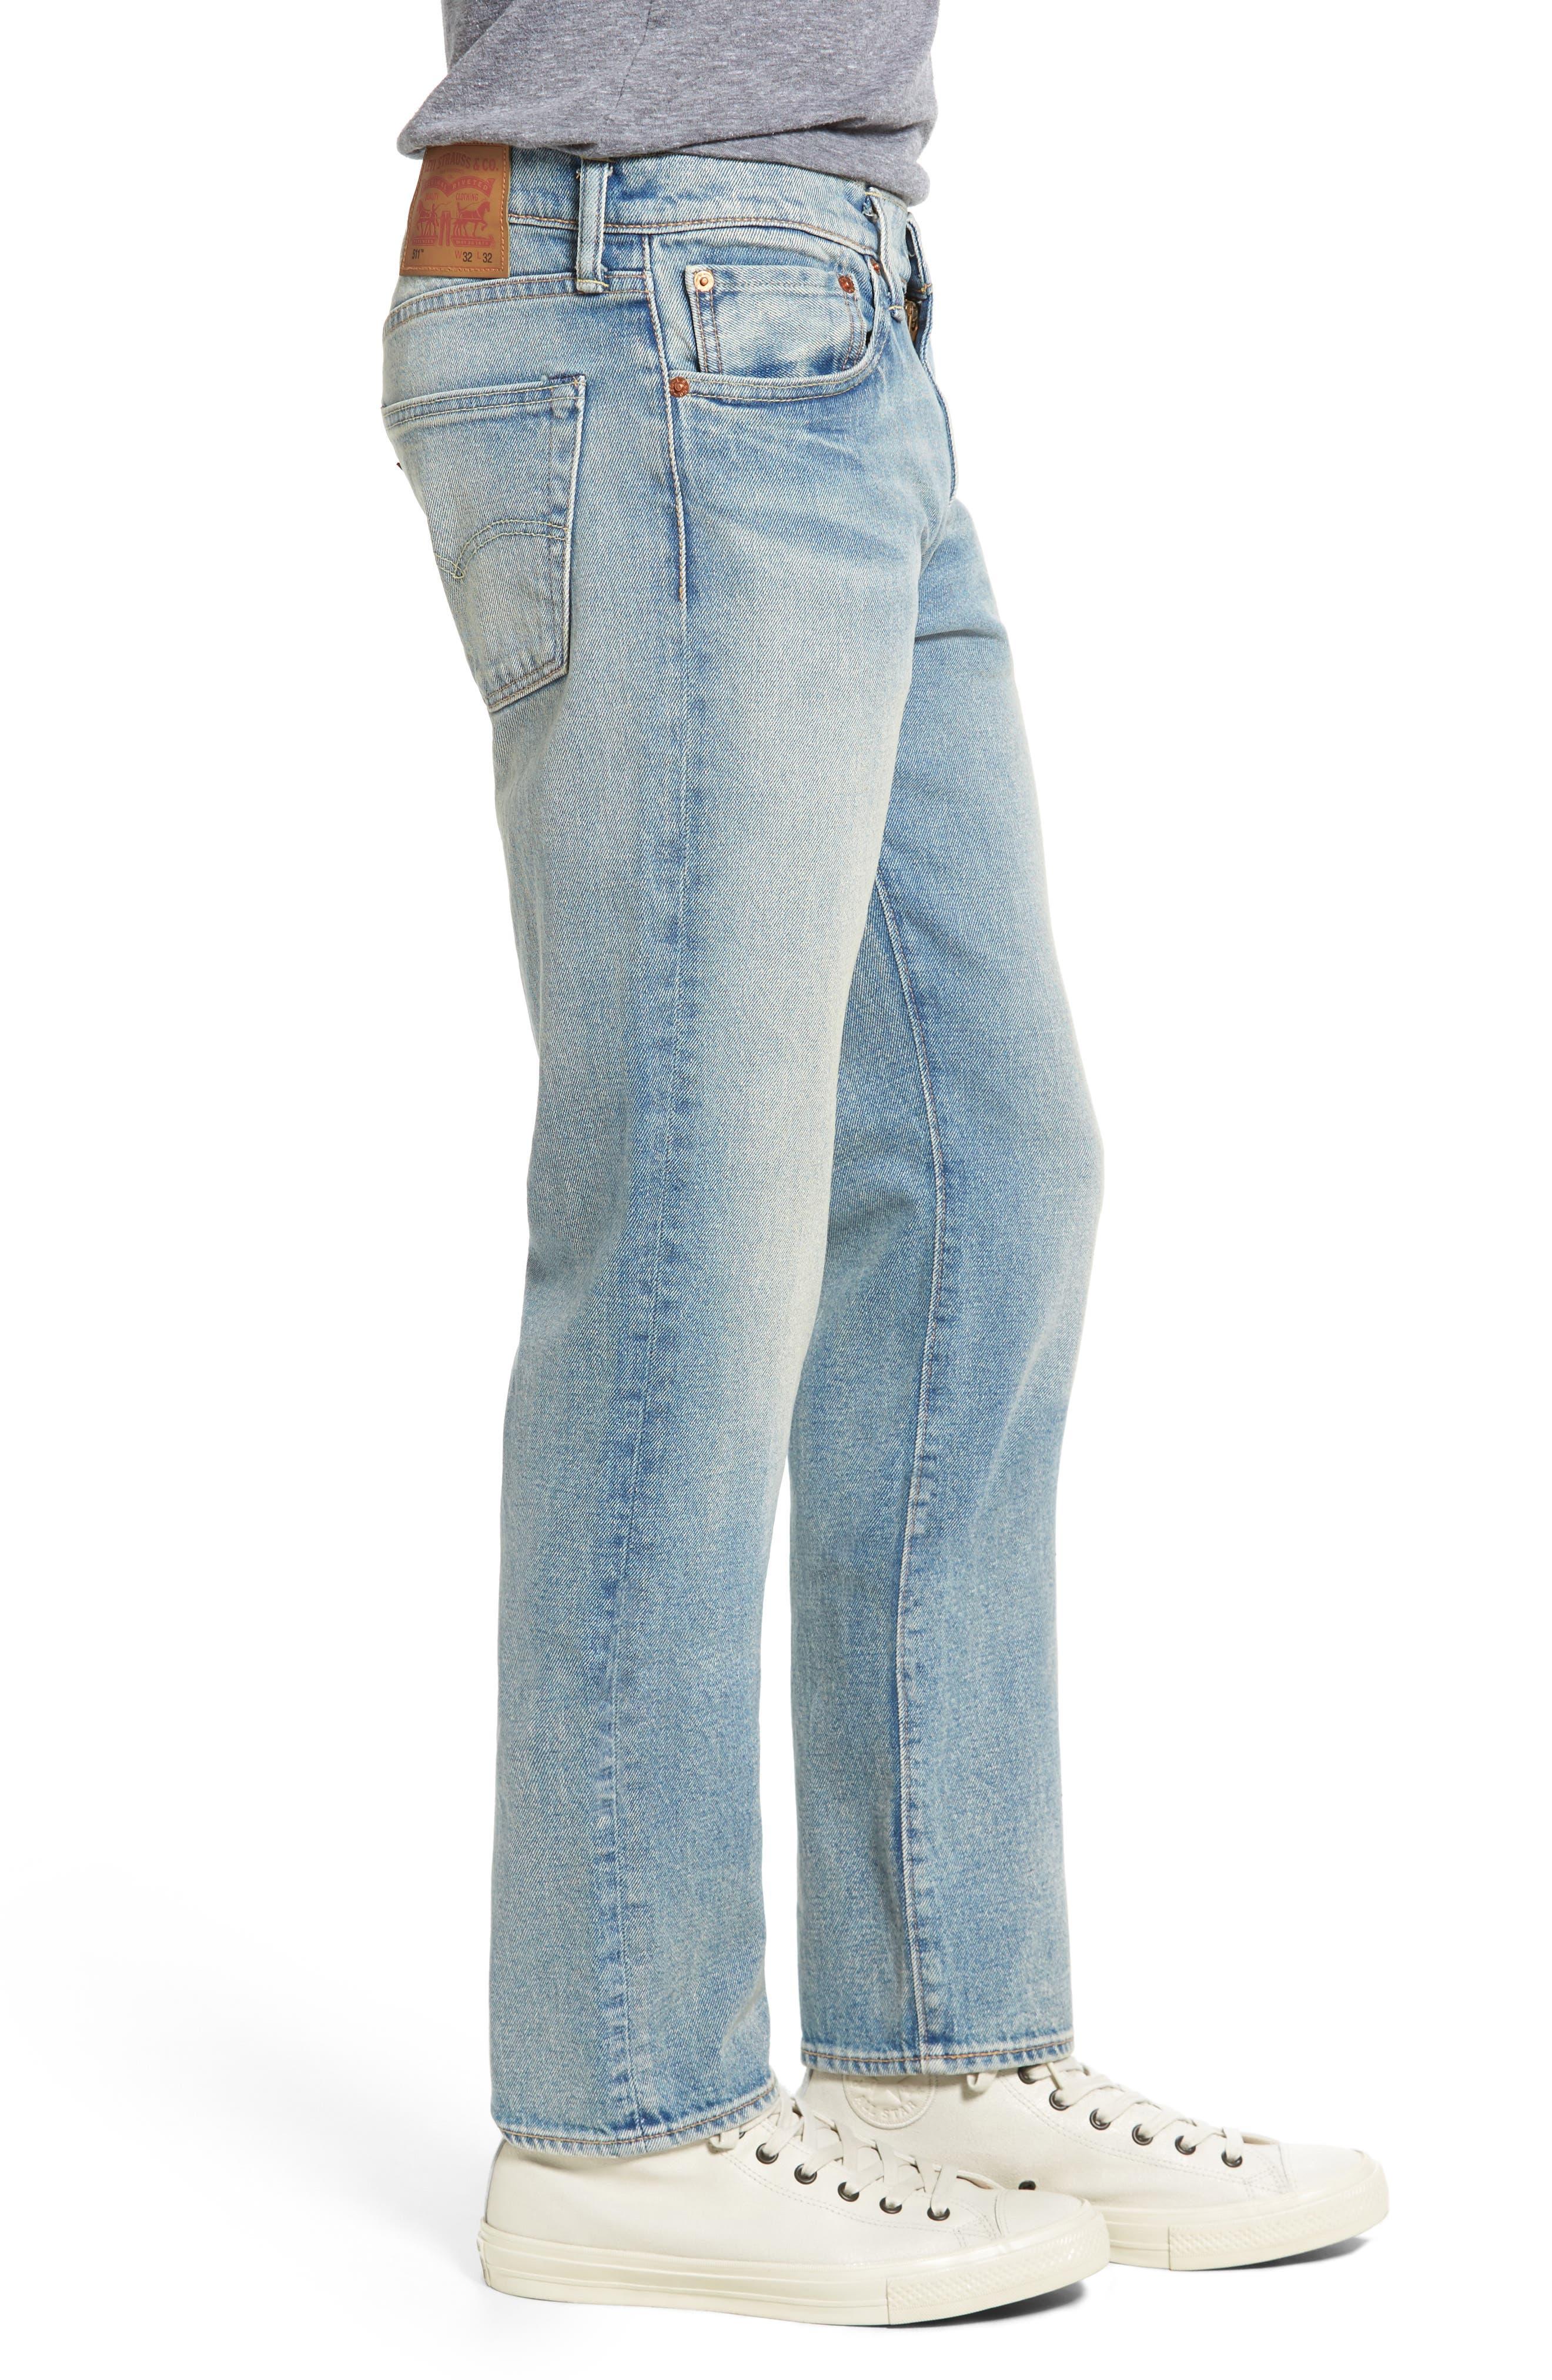 Levi's 511 Slim Fit Jeans,                             Alternate thumbnail 3, color,                             402